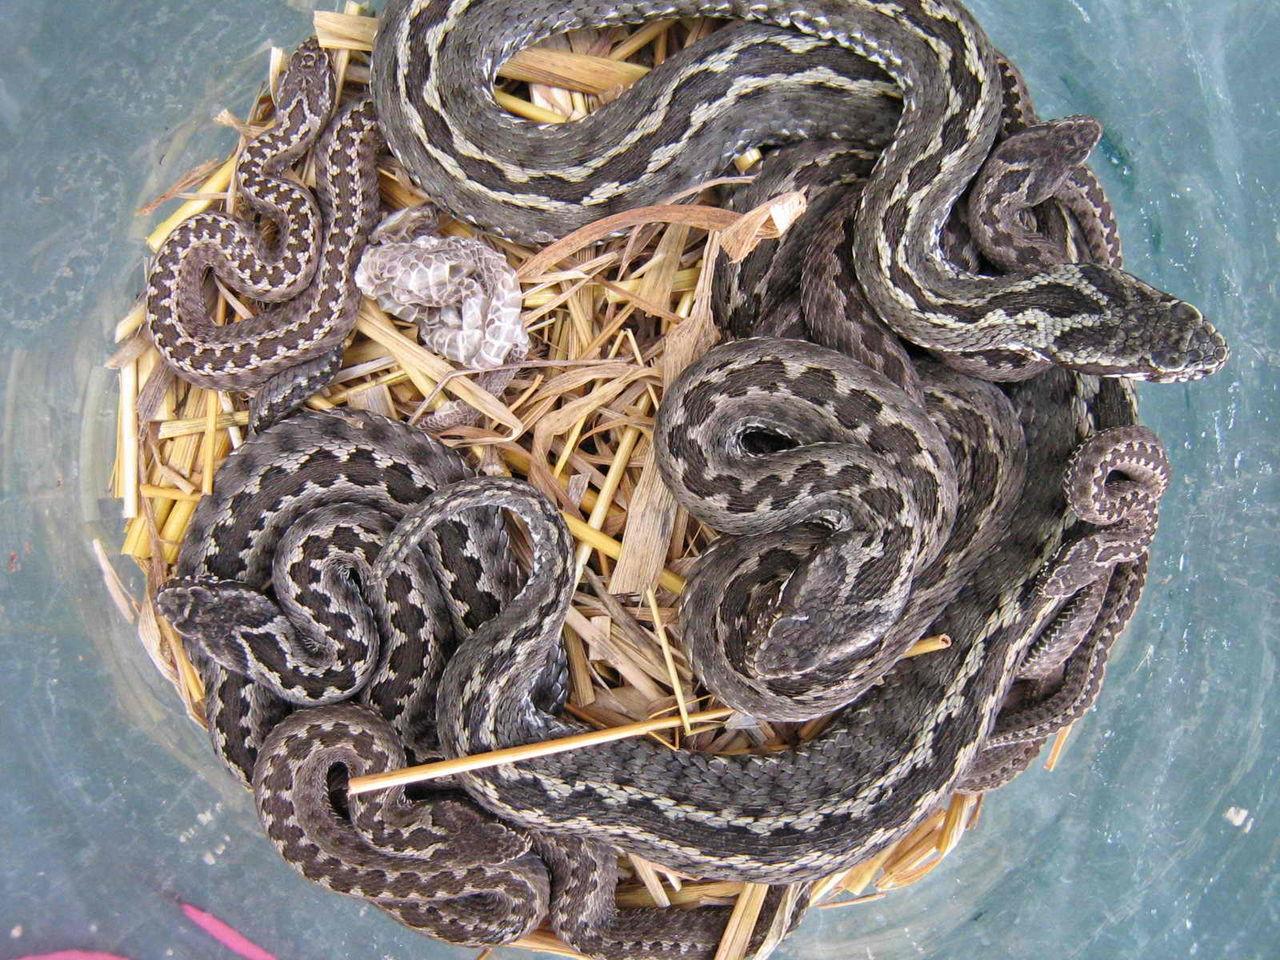 испугавшись клубок змей фото герман отлично